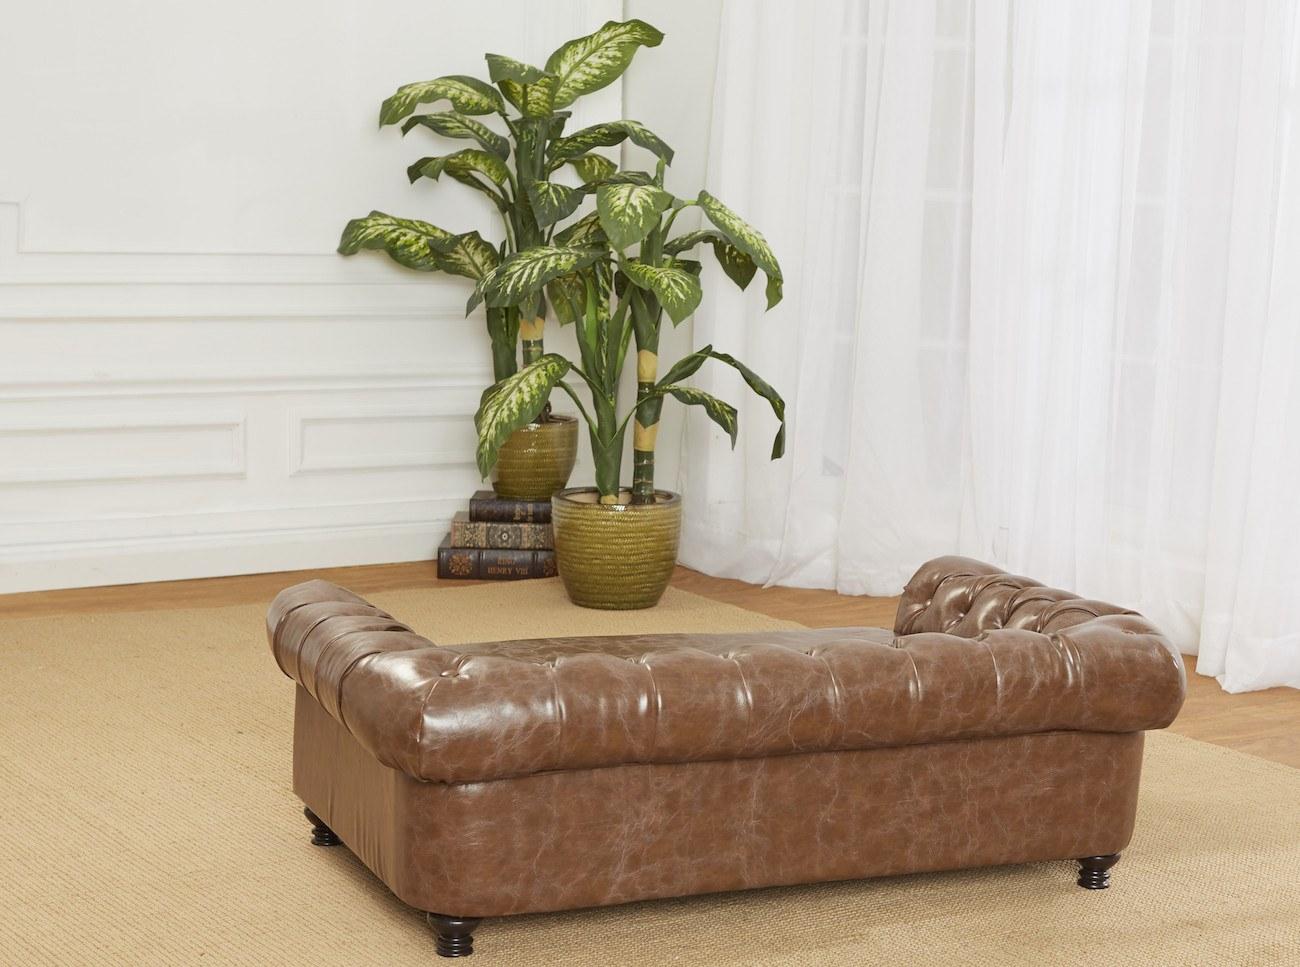 Wentworth Tufted Dog Sofa